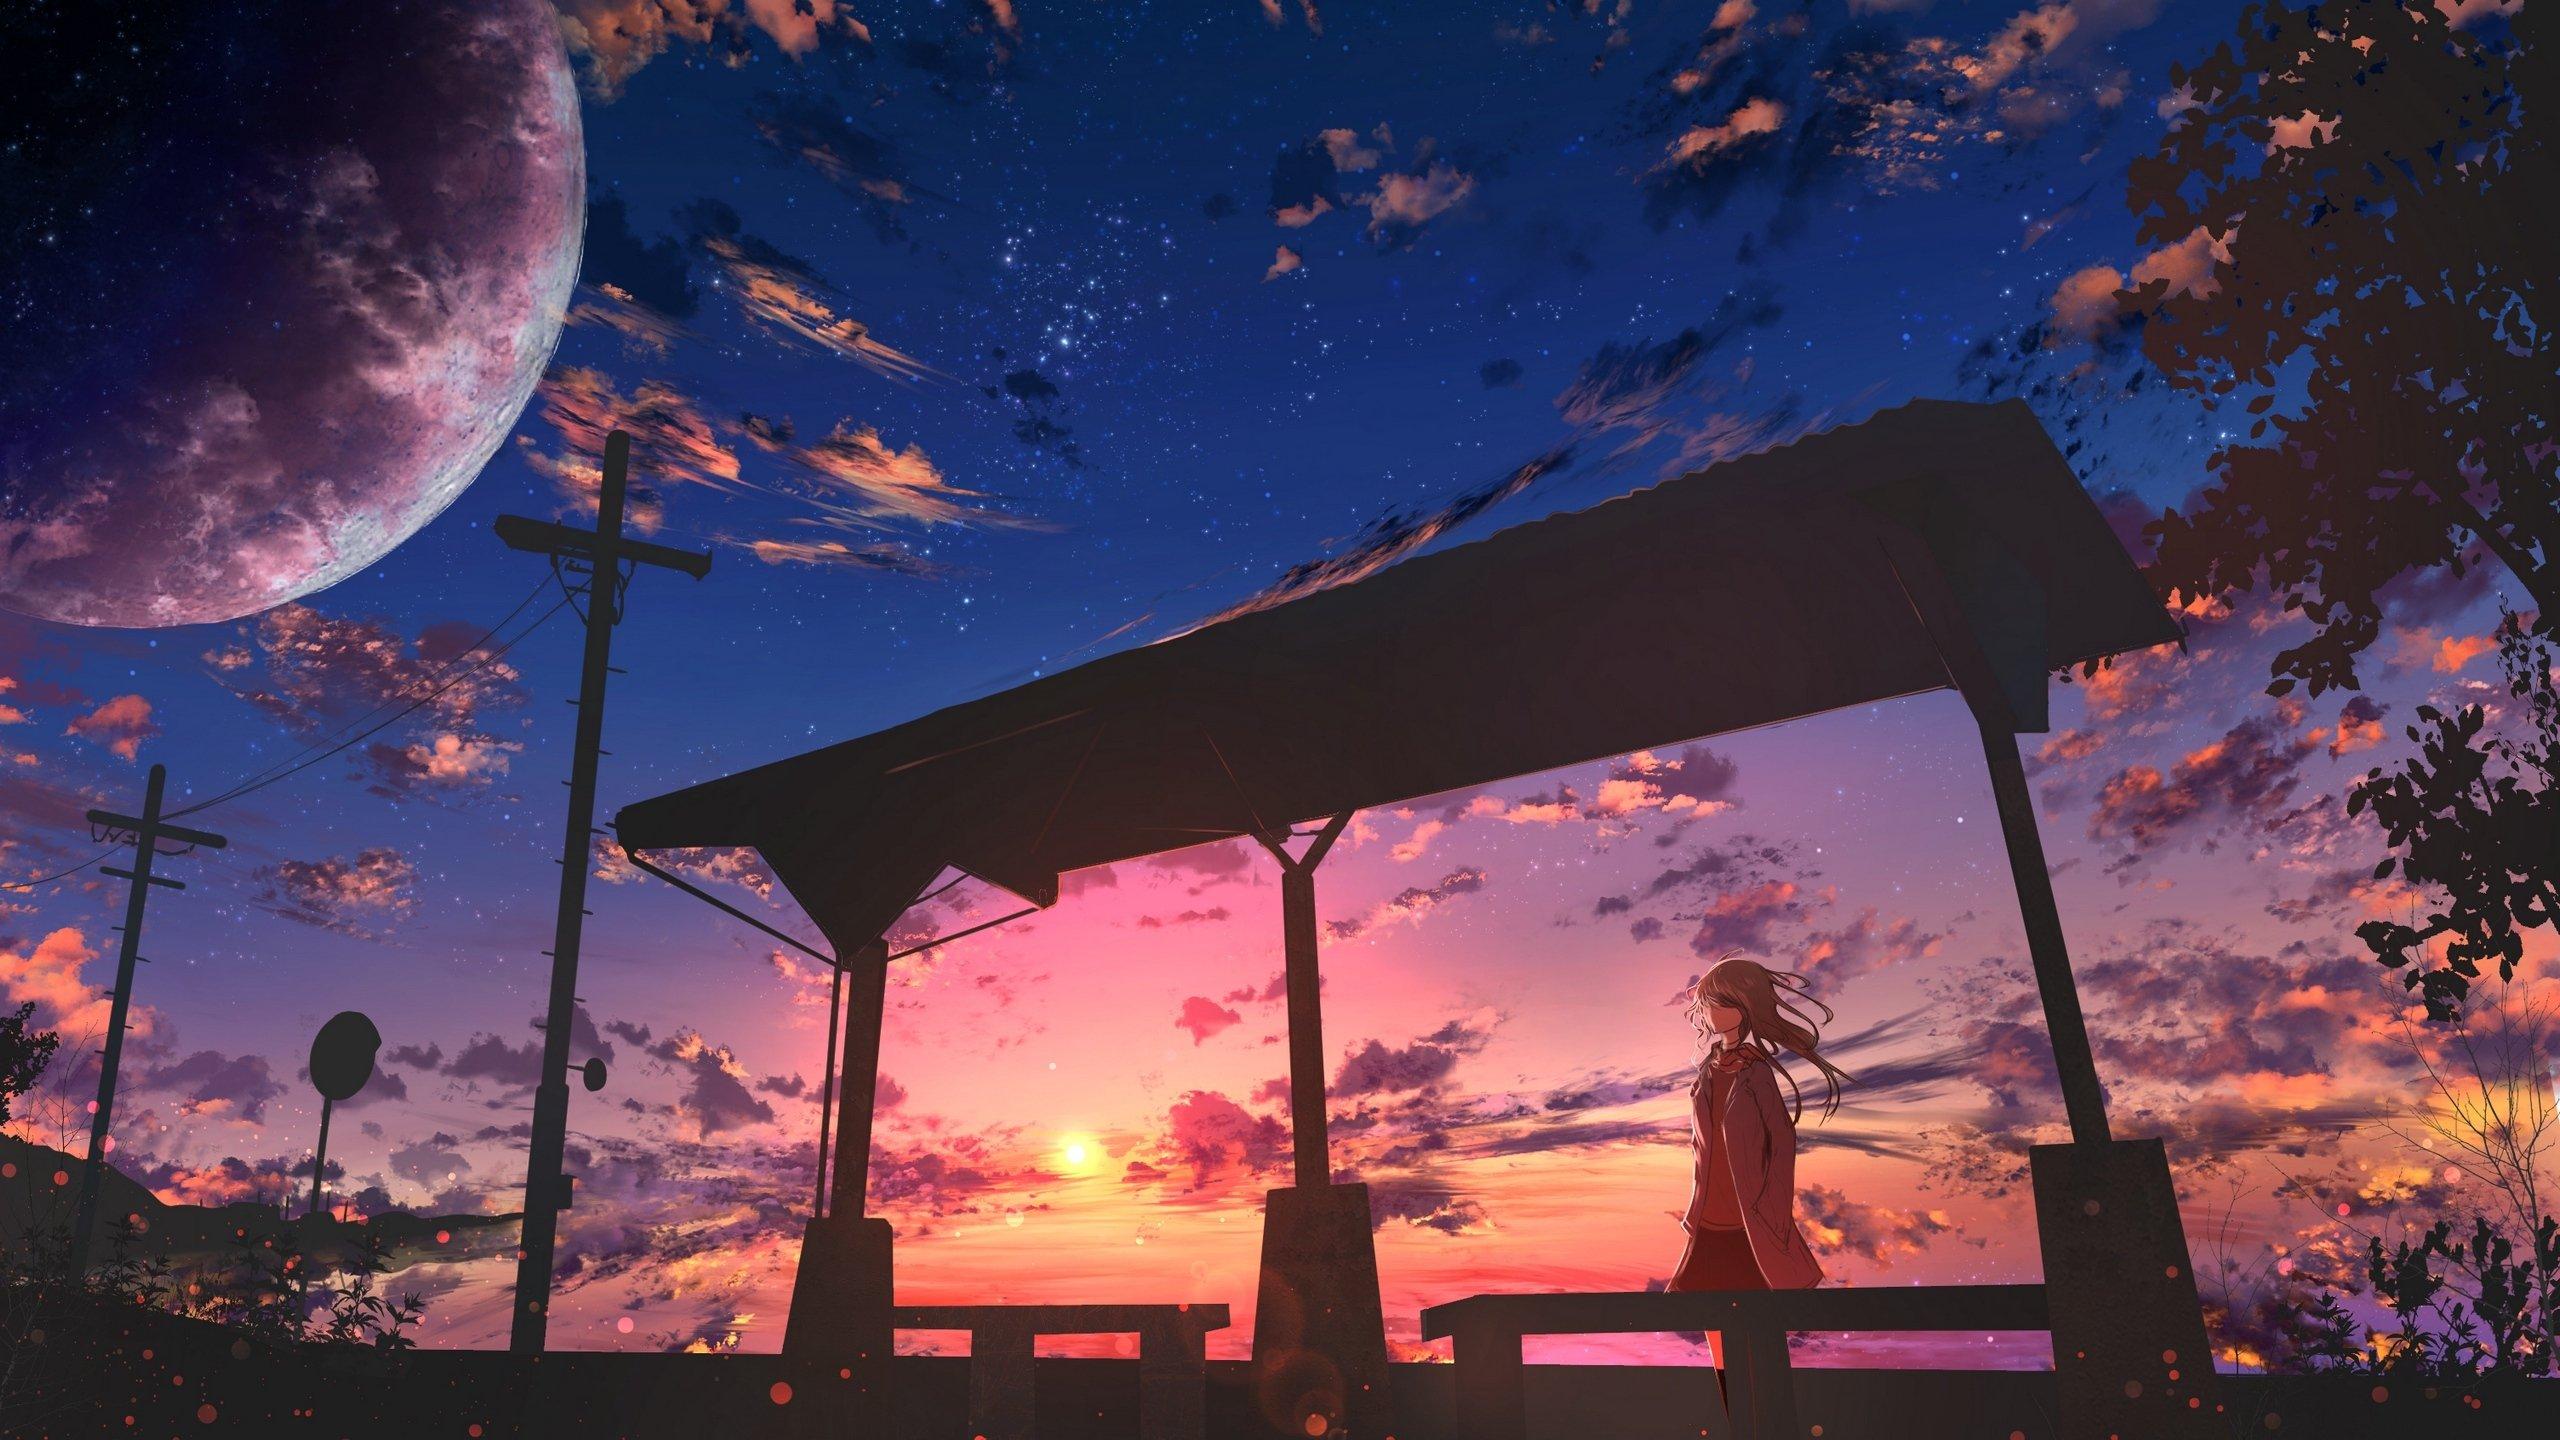 晚霞 夕阳 夜空 车站 风衣 少女动漫壁纸,高清电脑桌面动漫壁纸插图